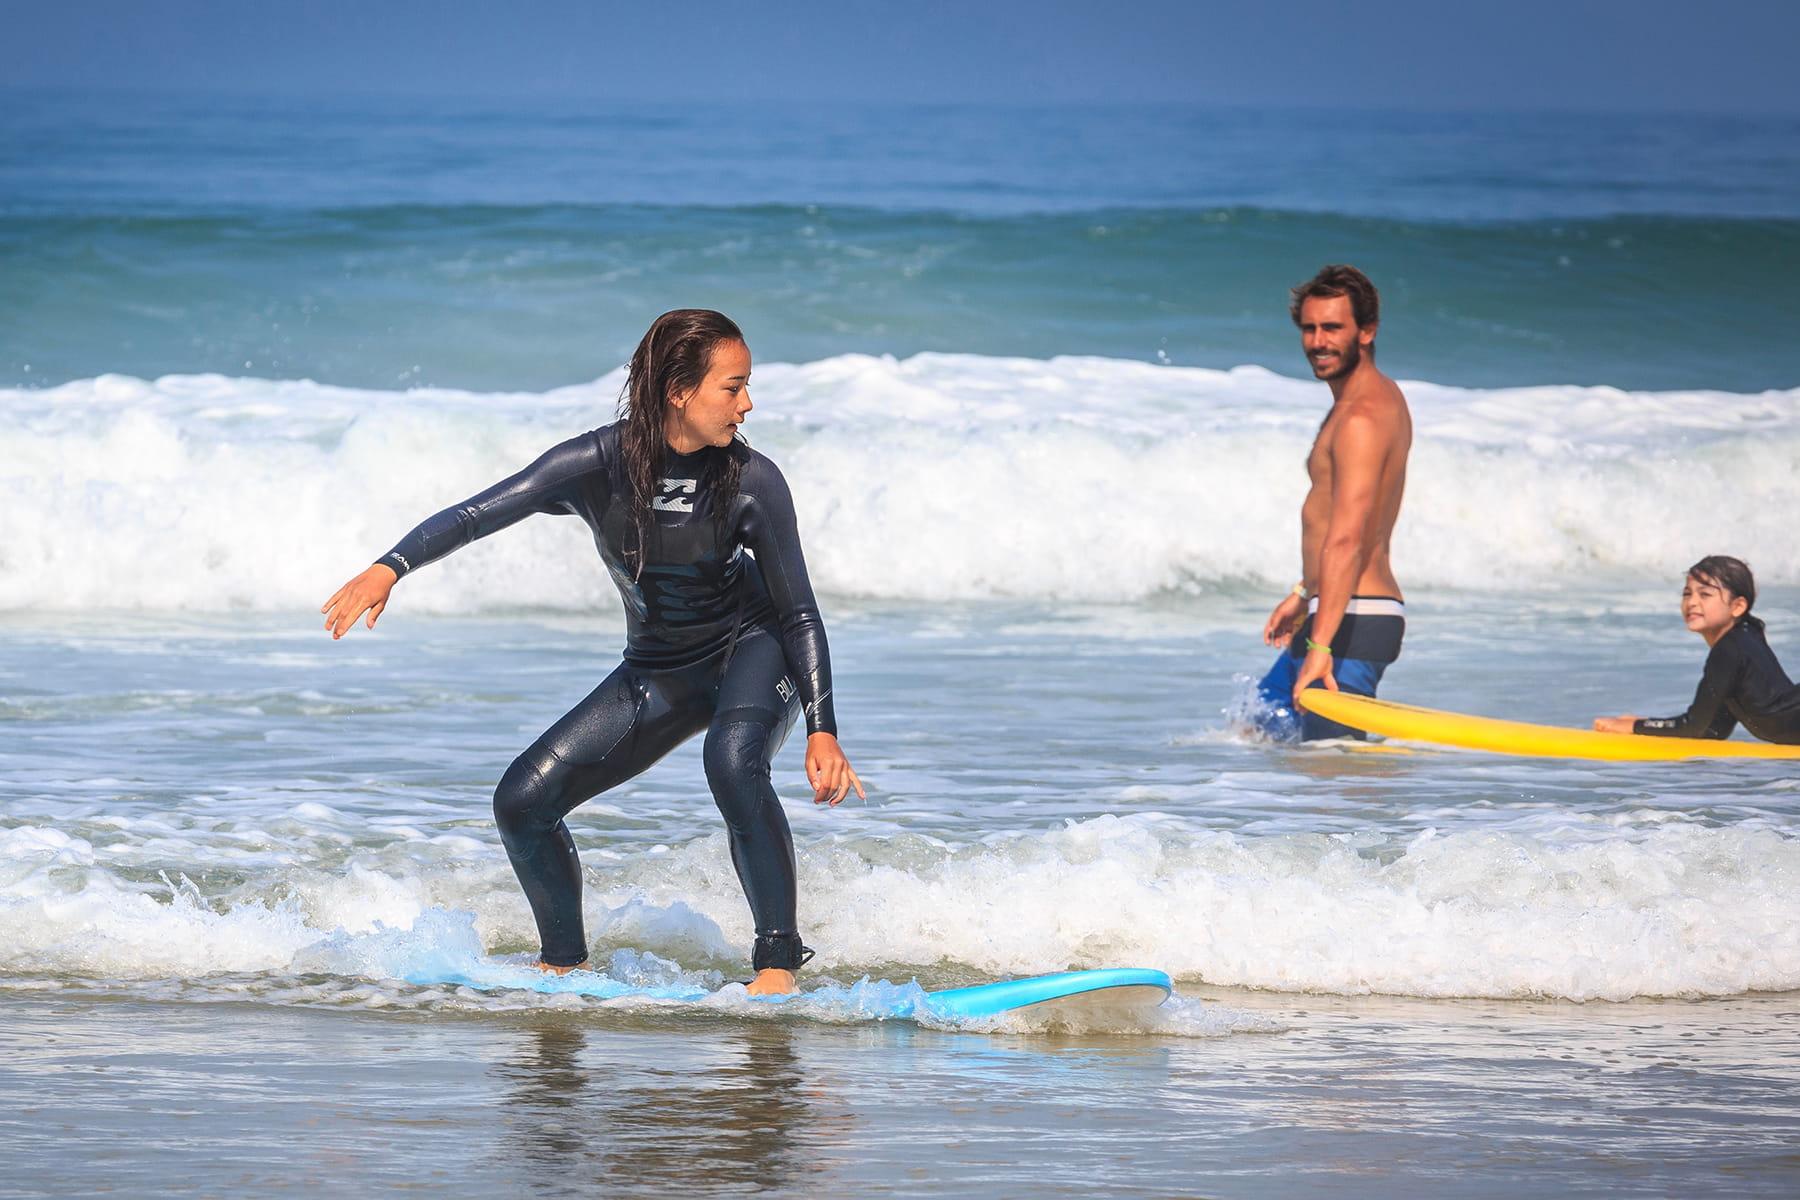 Moniteur de surf observant une de ses stagiaires debout sur sa planche